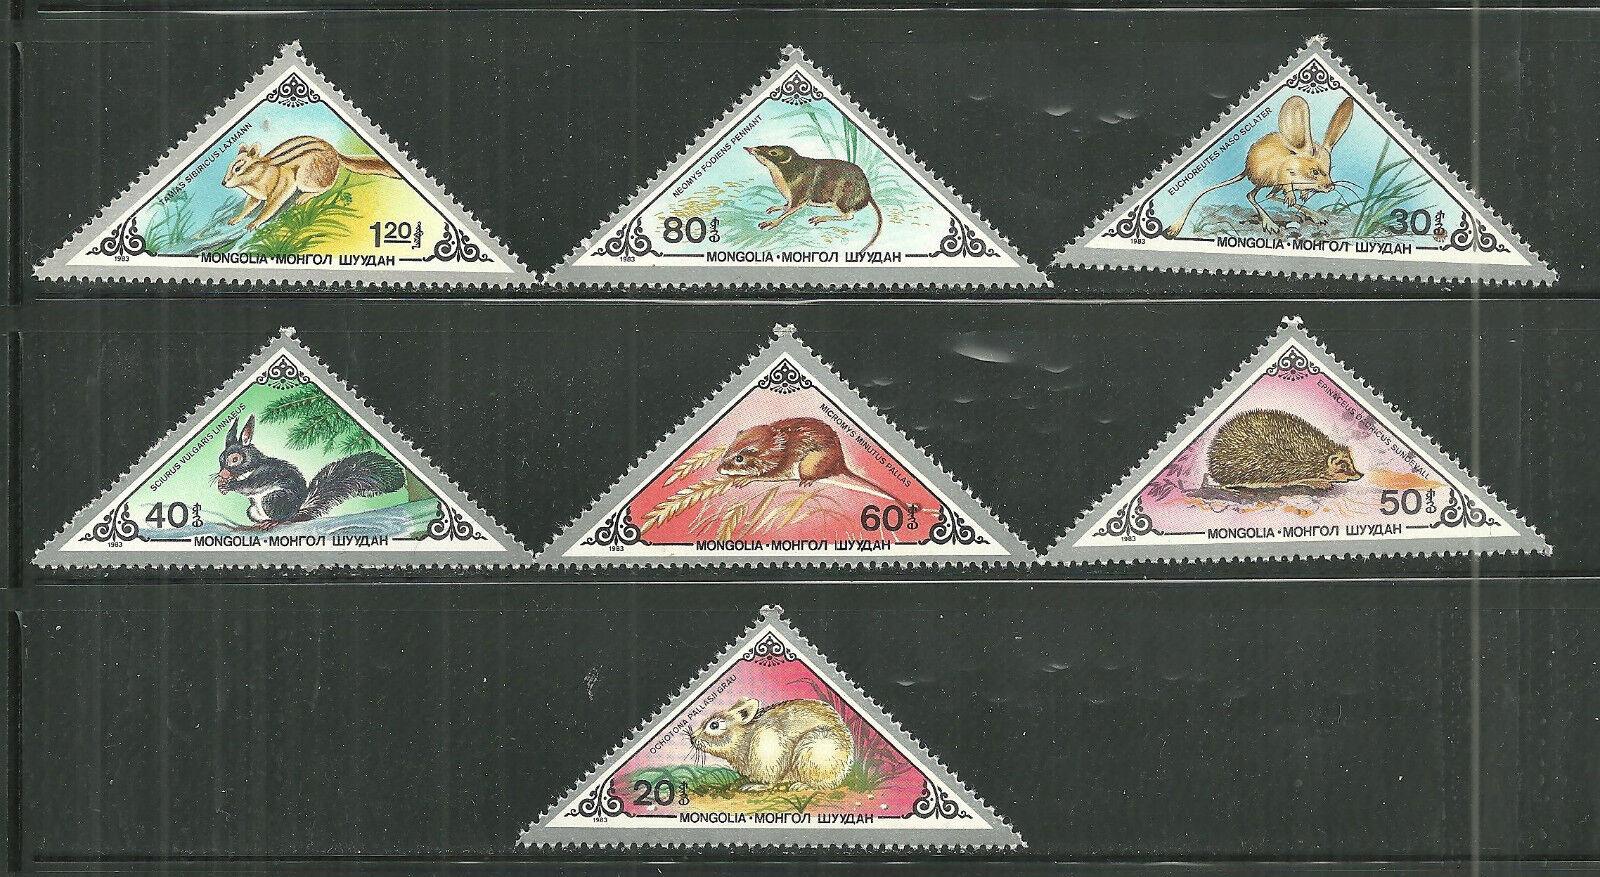 MONGOLIA 1340-46 MNH RODENTS